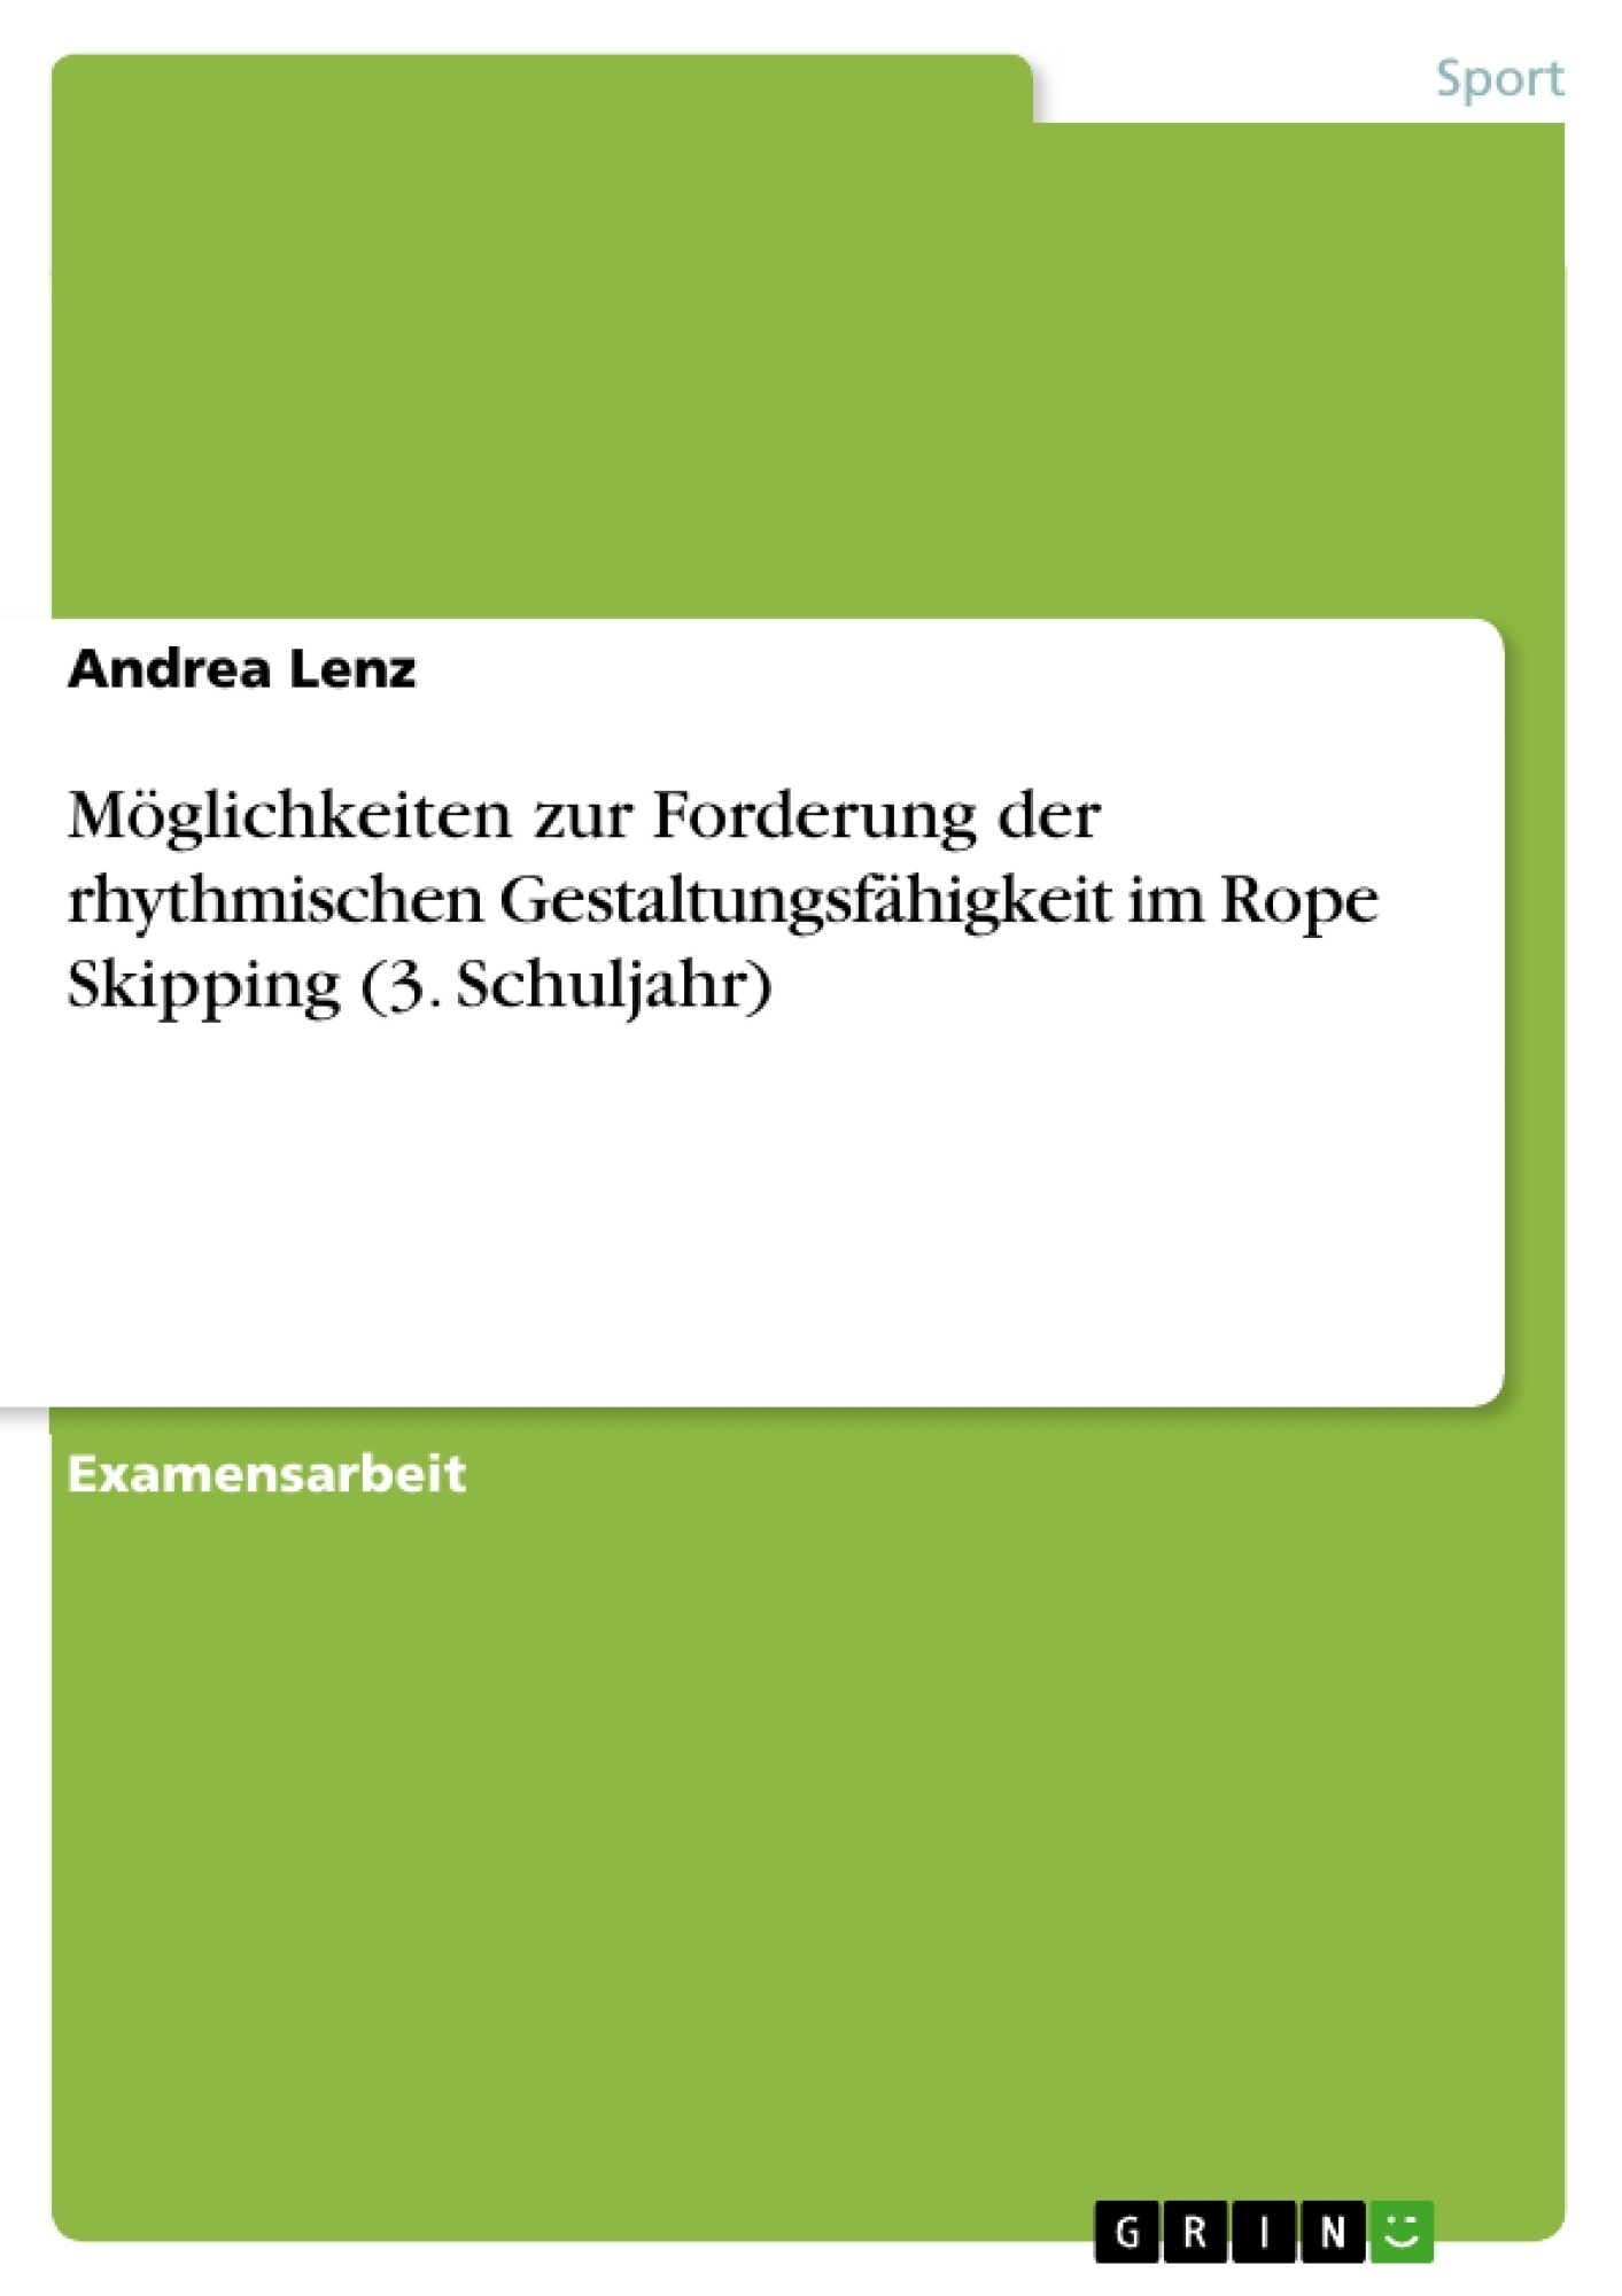 Titel: Möglichkeiten zur Forderung der rhythmischen Gestaltungsfähigkeit im Rope Skipping (3. Schuljahr)